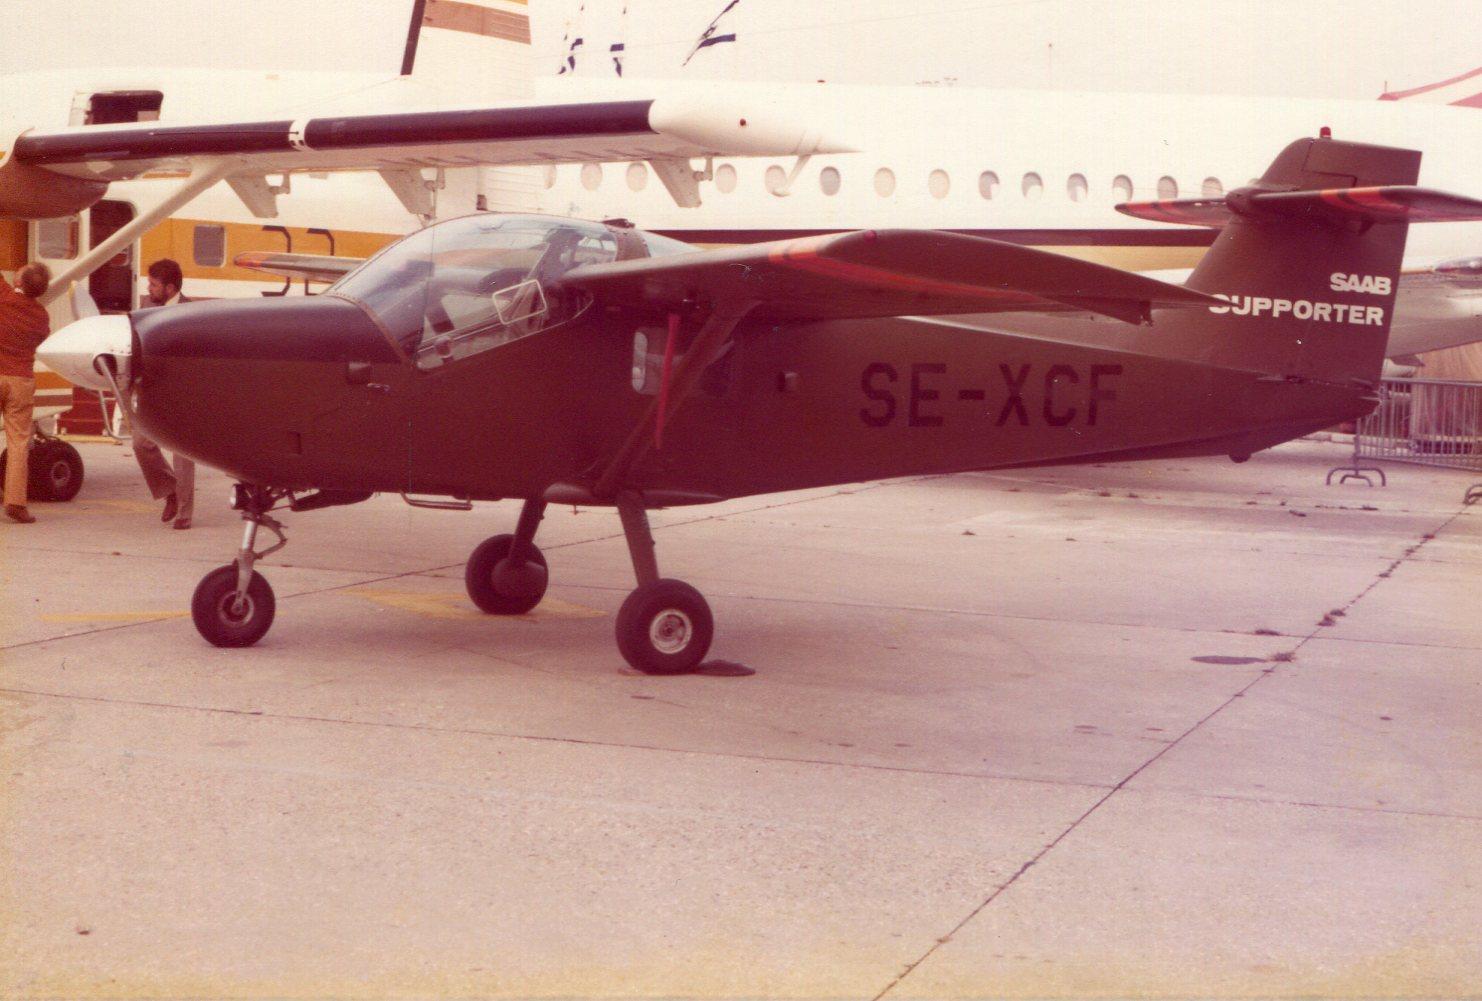 Naam: Saab Supporter.jpg Bekeken: 269 Grootte: 198,2 KB